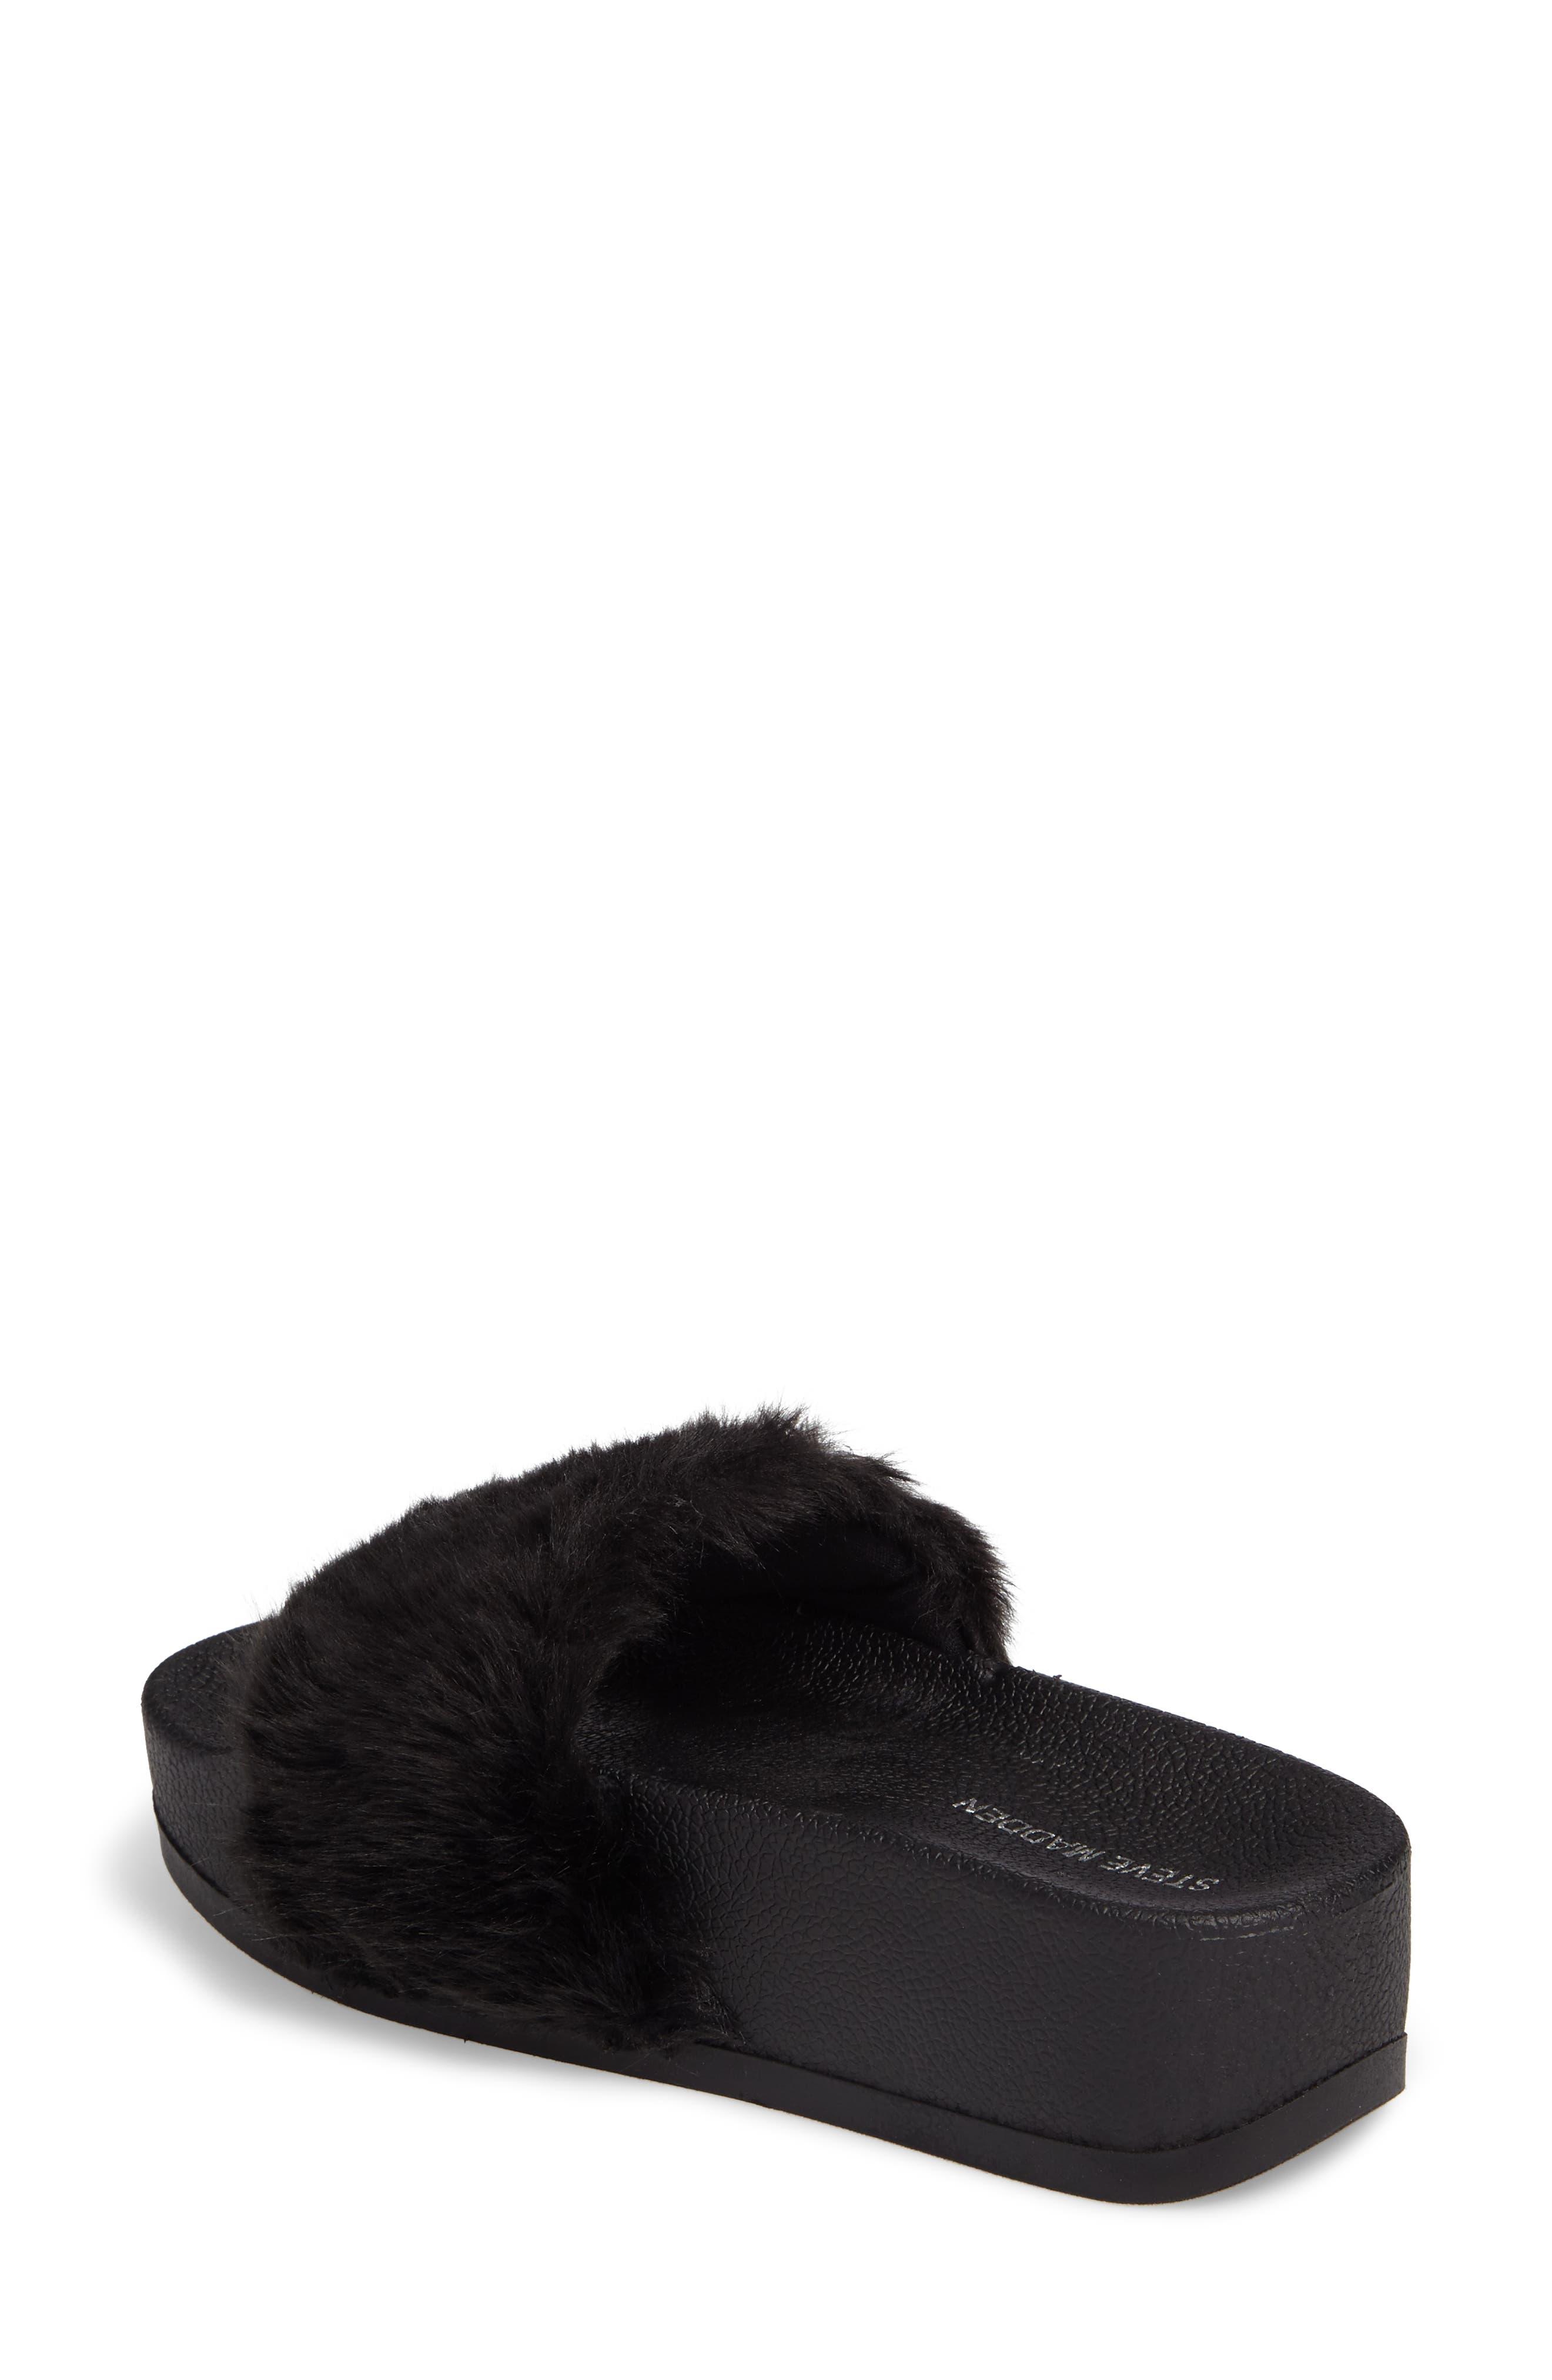 STEVE MADDEN,                             Softey Faux Fur Platform Slide,                             Alternate thumbnail 2, color,                             001